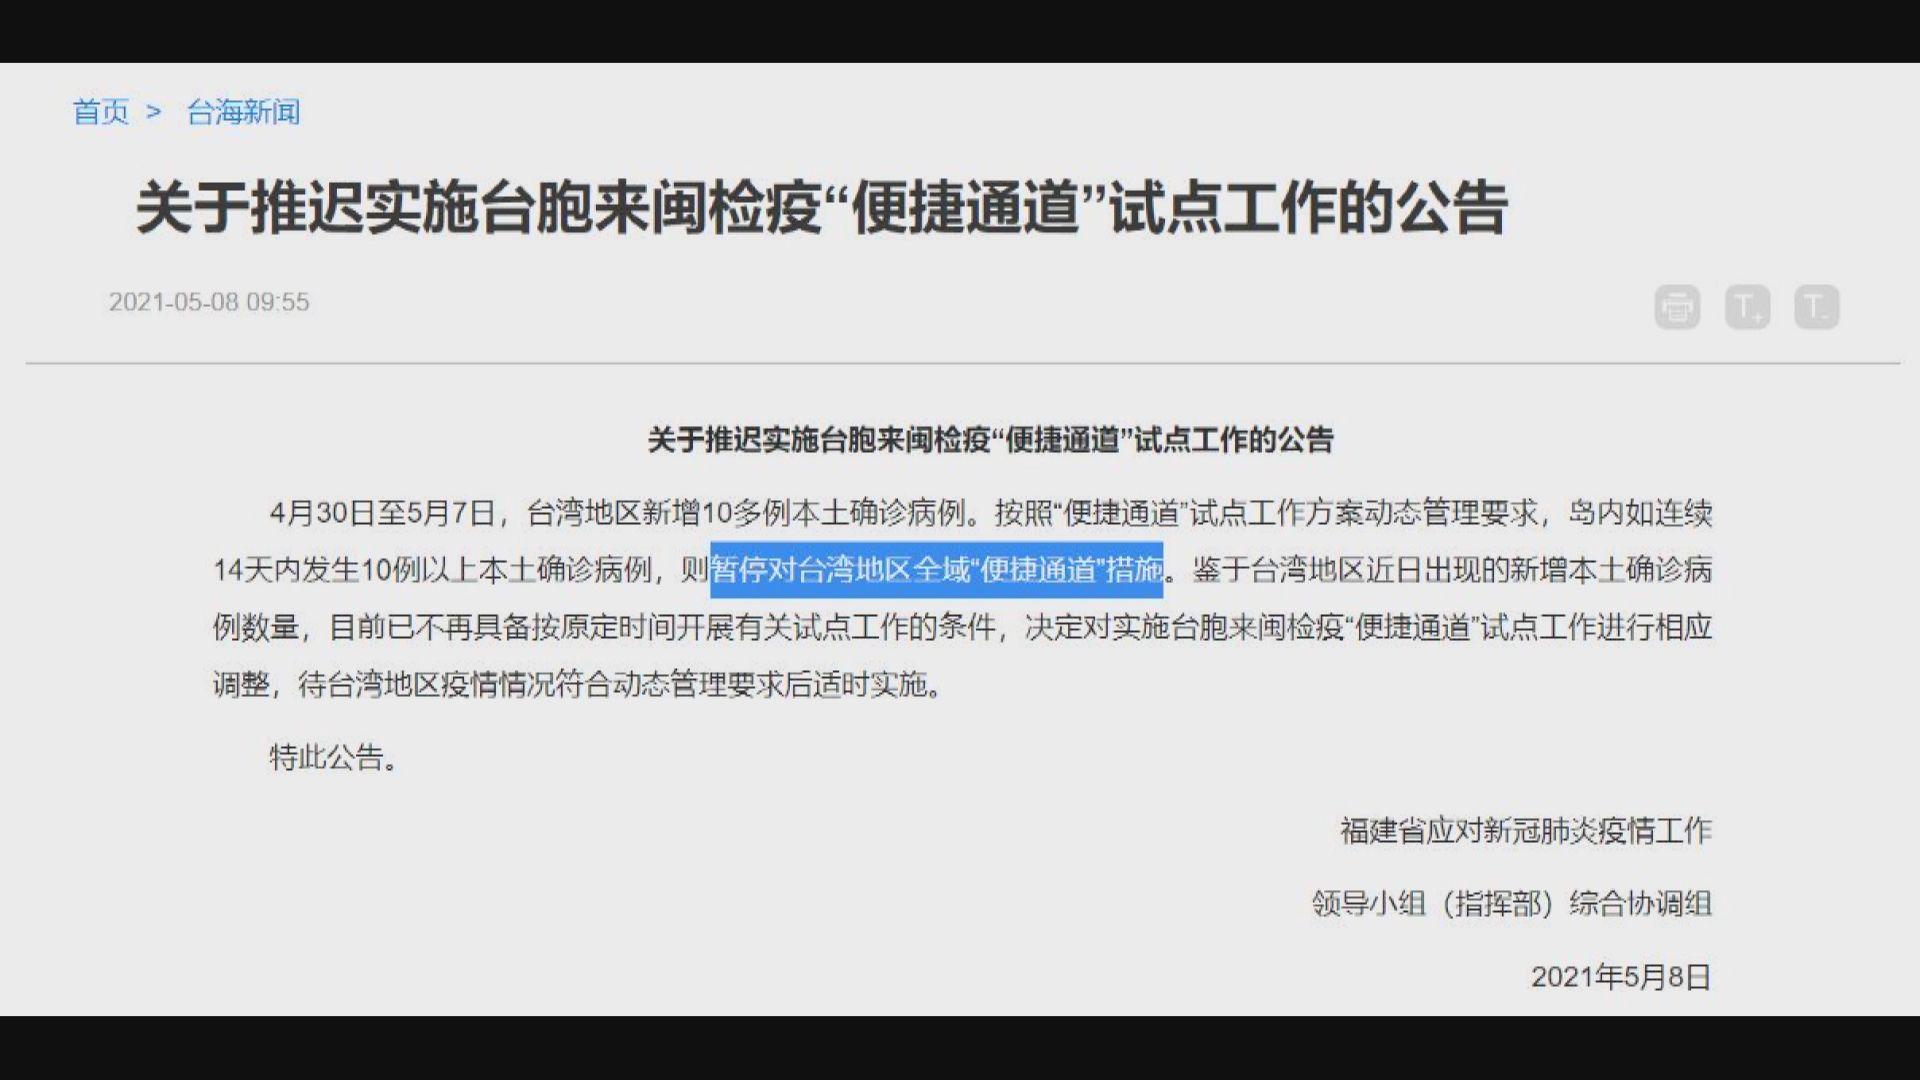 福建推遲放寬台灣民眾入境隔離措施